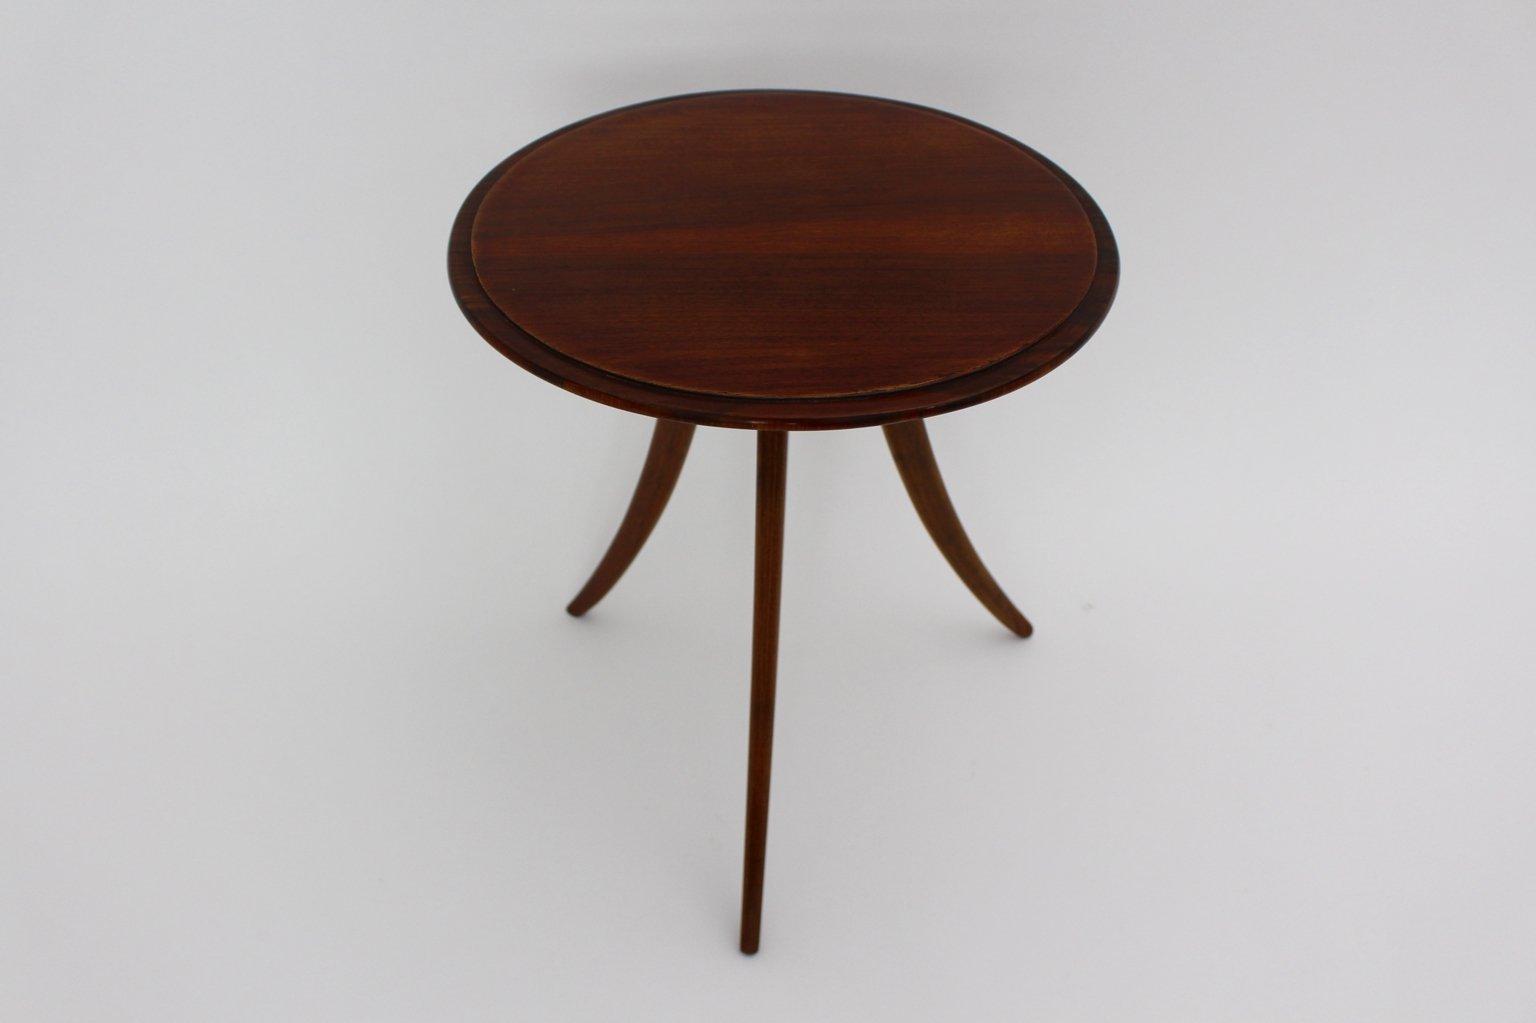 Table basse trois pieds par josef frank pour house and - Table basse trois pieds ...